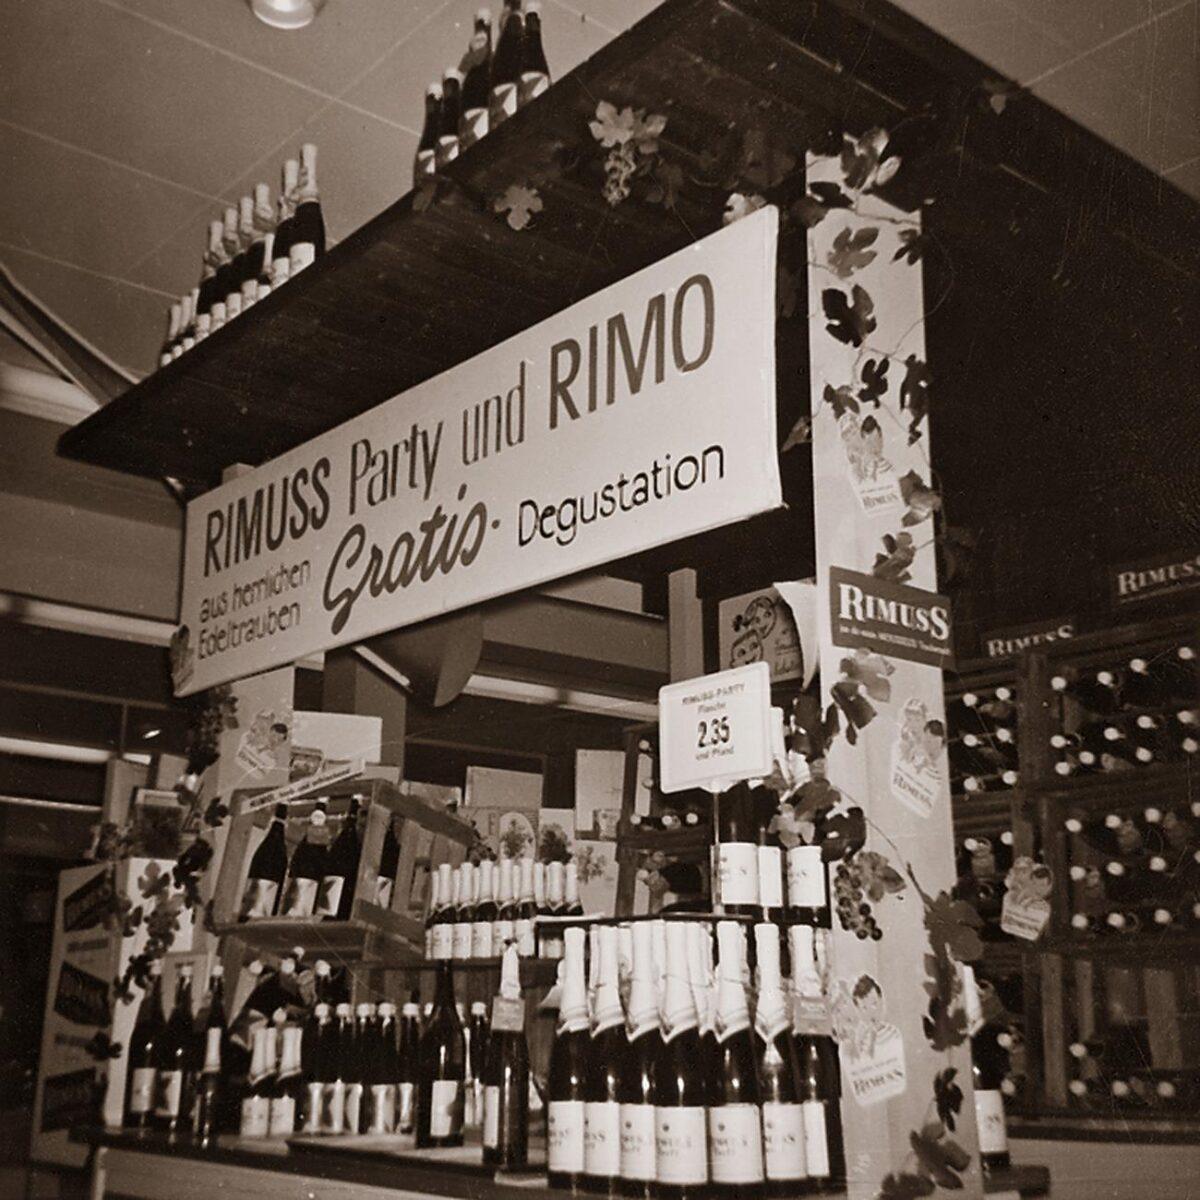 Stand von Rimuss an der OLMA 1960. Rimuss wurde 1960 bei der OLMA erstmal vorgestellt und ist seit dem zu eine Kultgetränk geworden